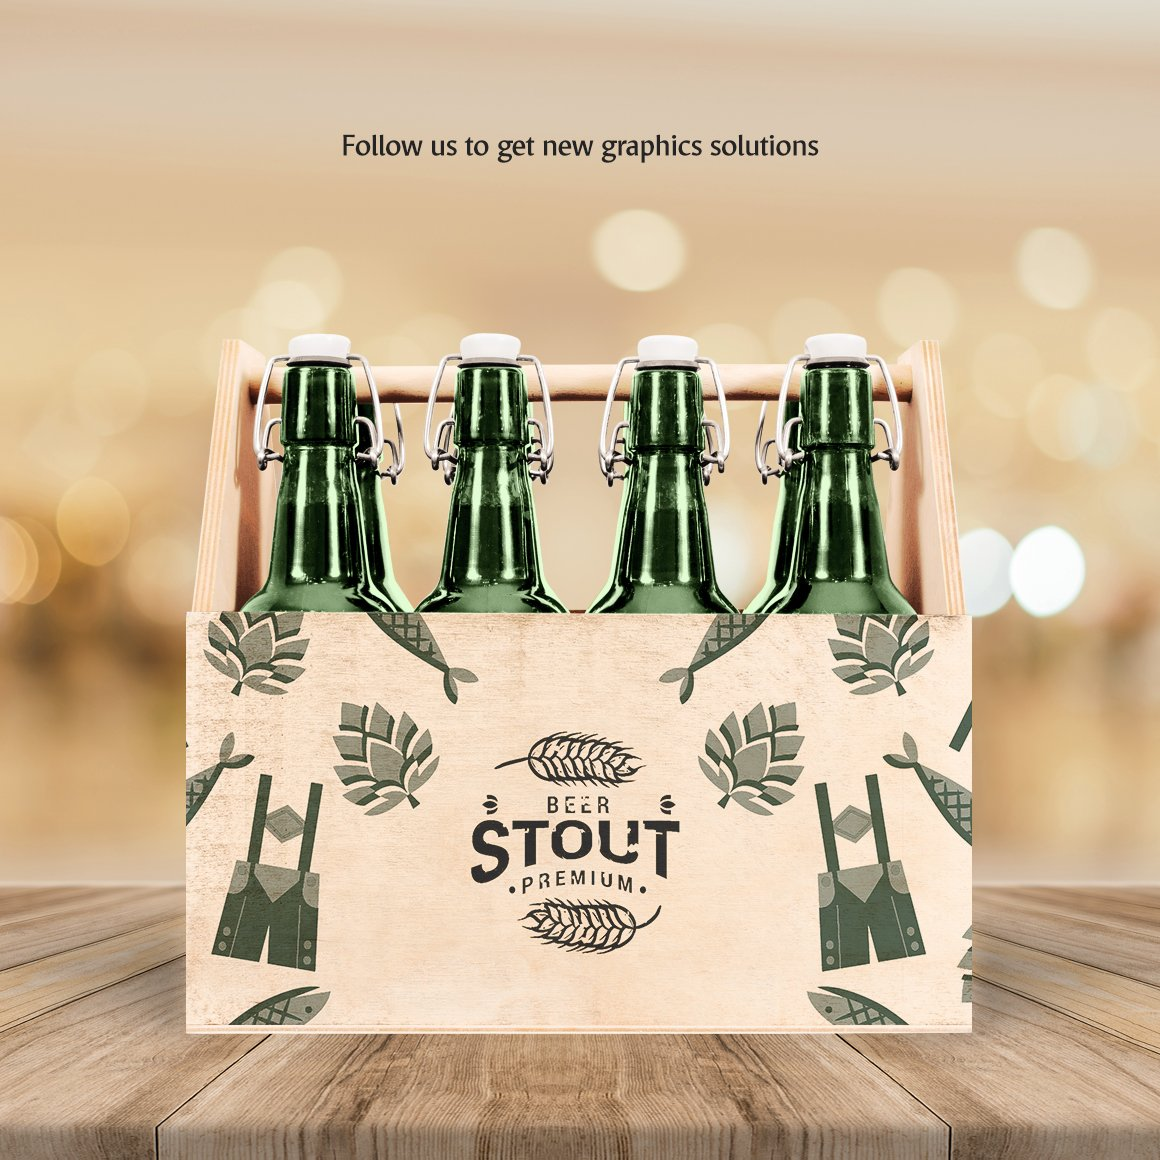 工艺啤酒包装盒设计展示样机模板 Craft Beer Box Mockup插图(5)